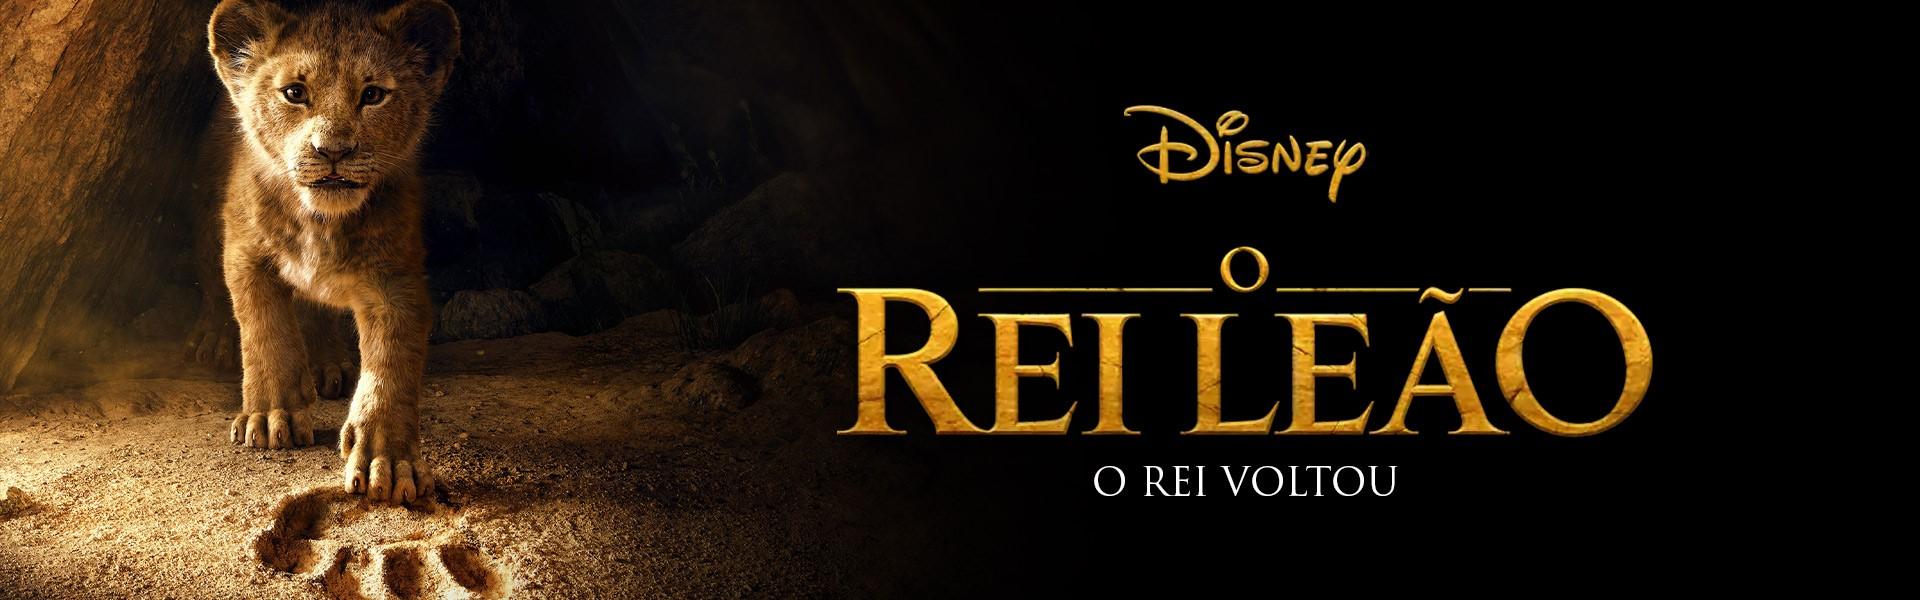 'O Rei Leão' estreia nesta quarta-feira no Looke | : : CidadeMarketing : :